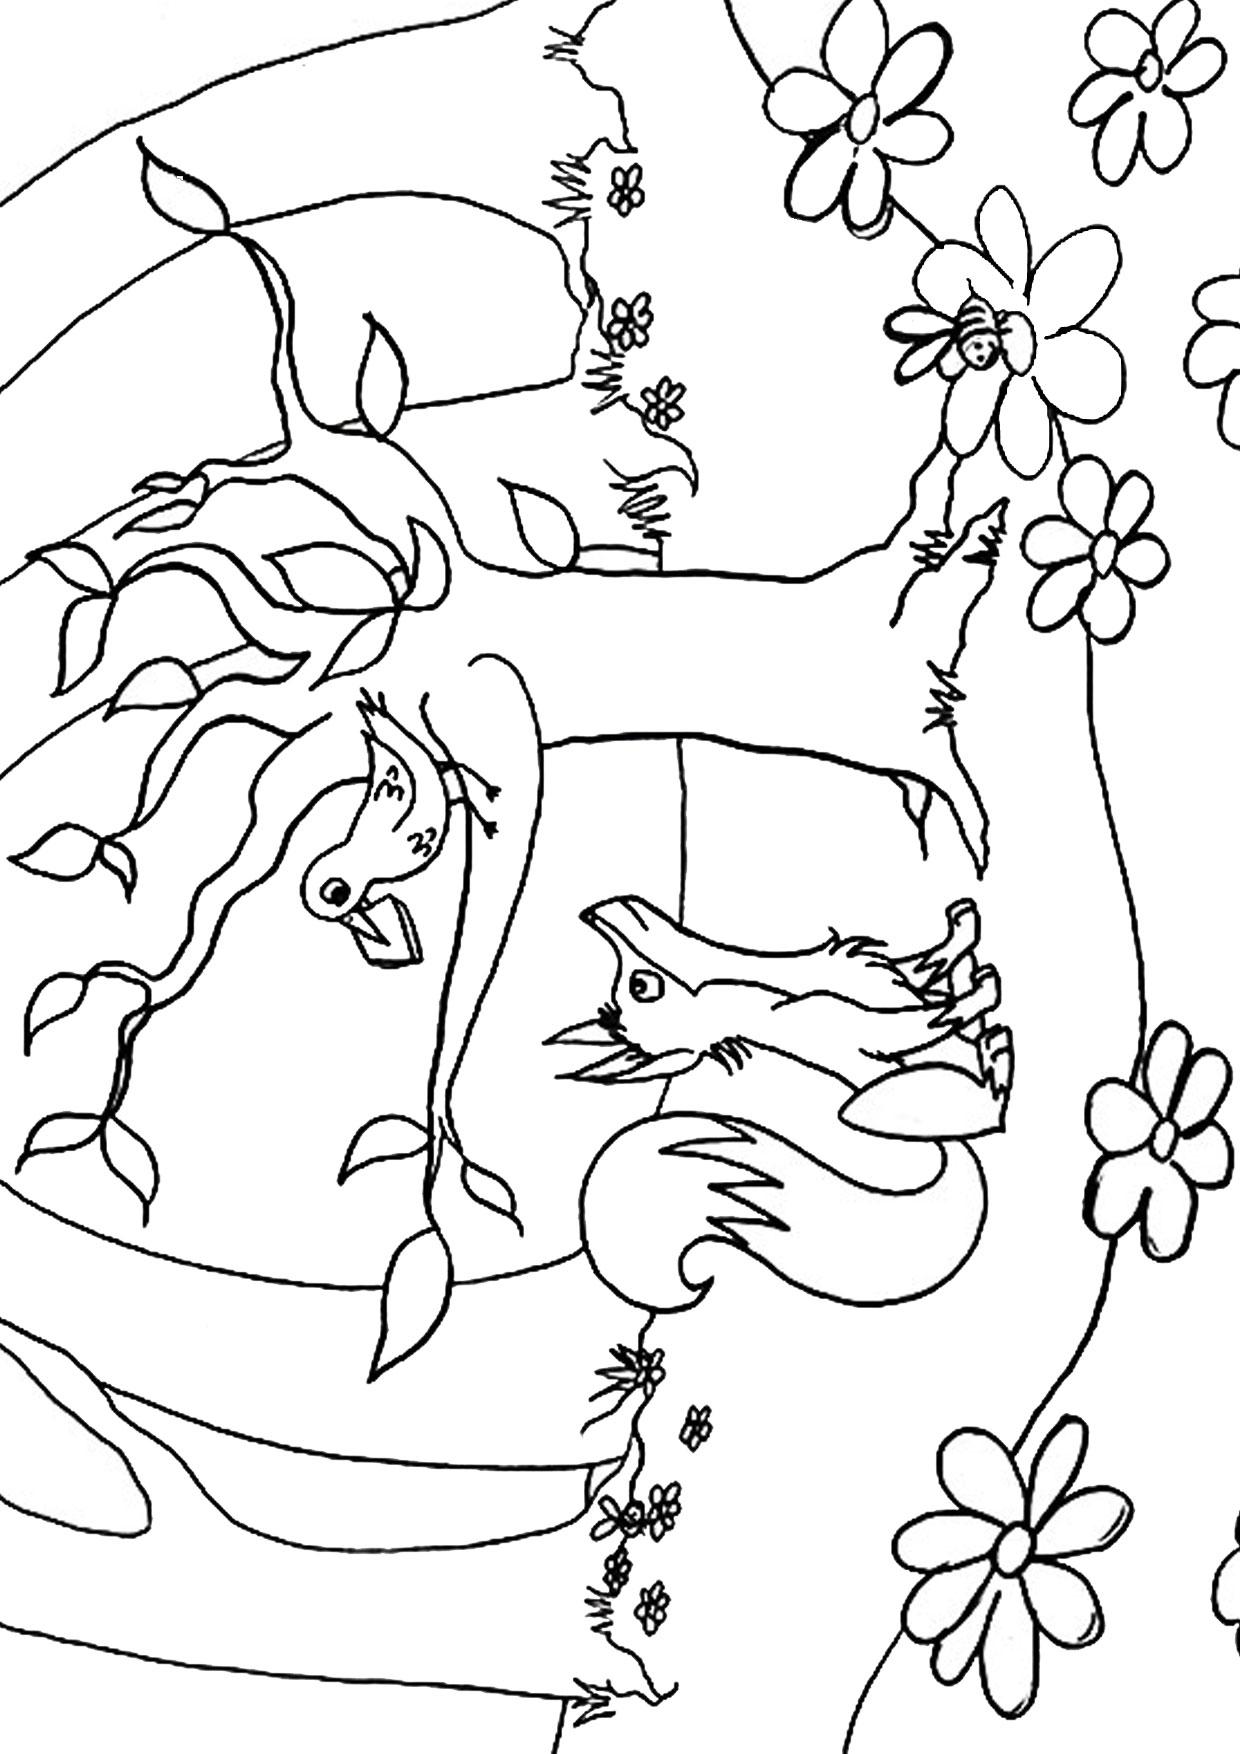 Disegno di volpe cartoon da colorare 13